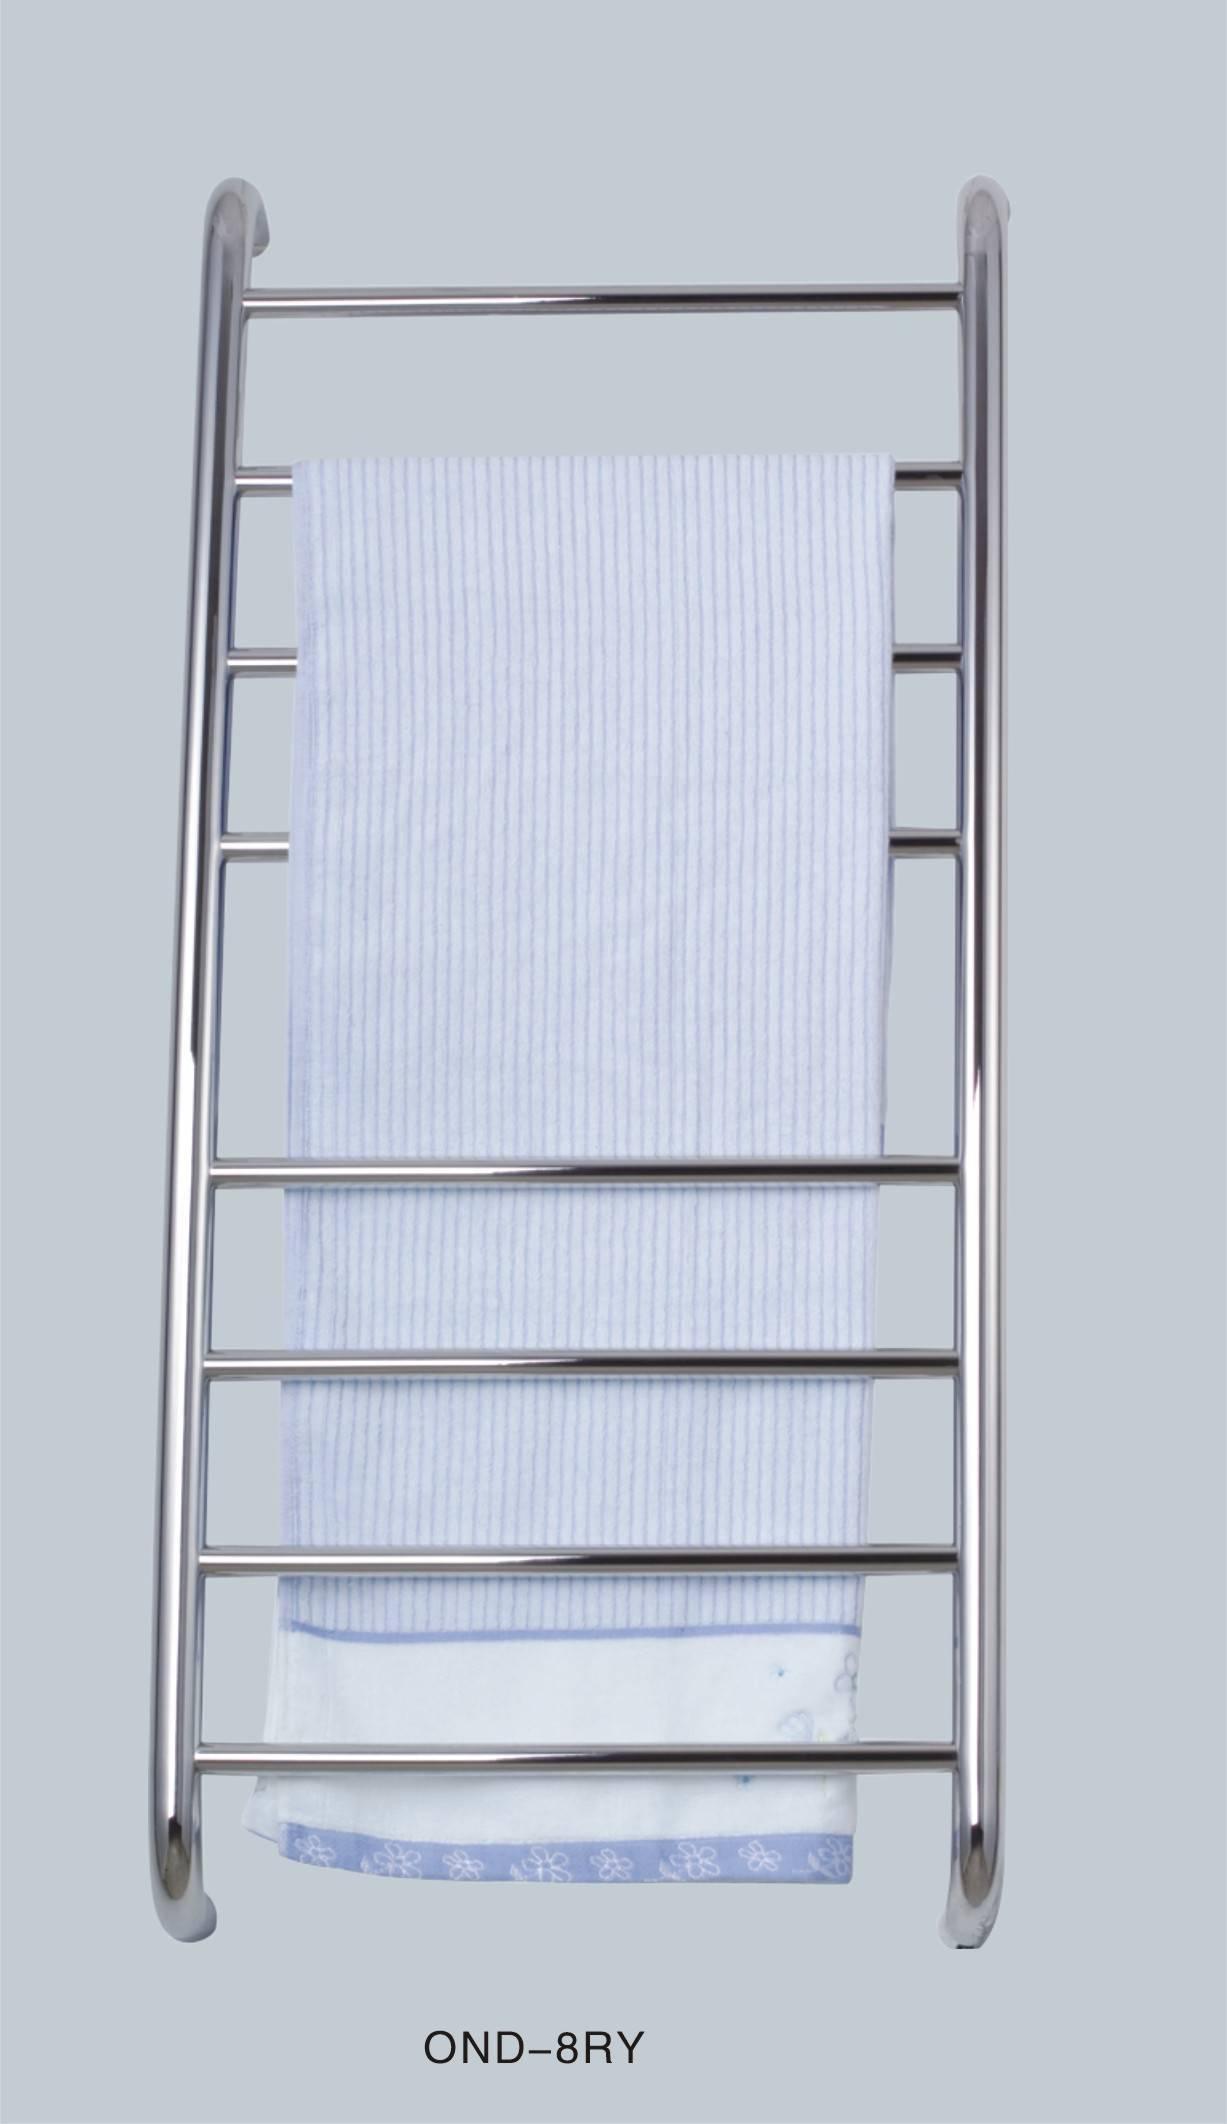 Heated towel rack(OND-8RY)